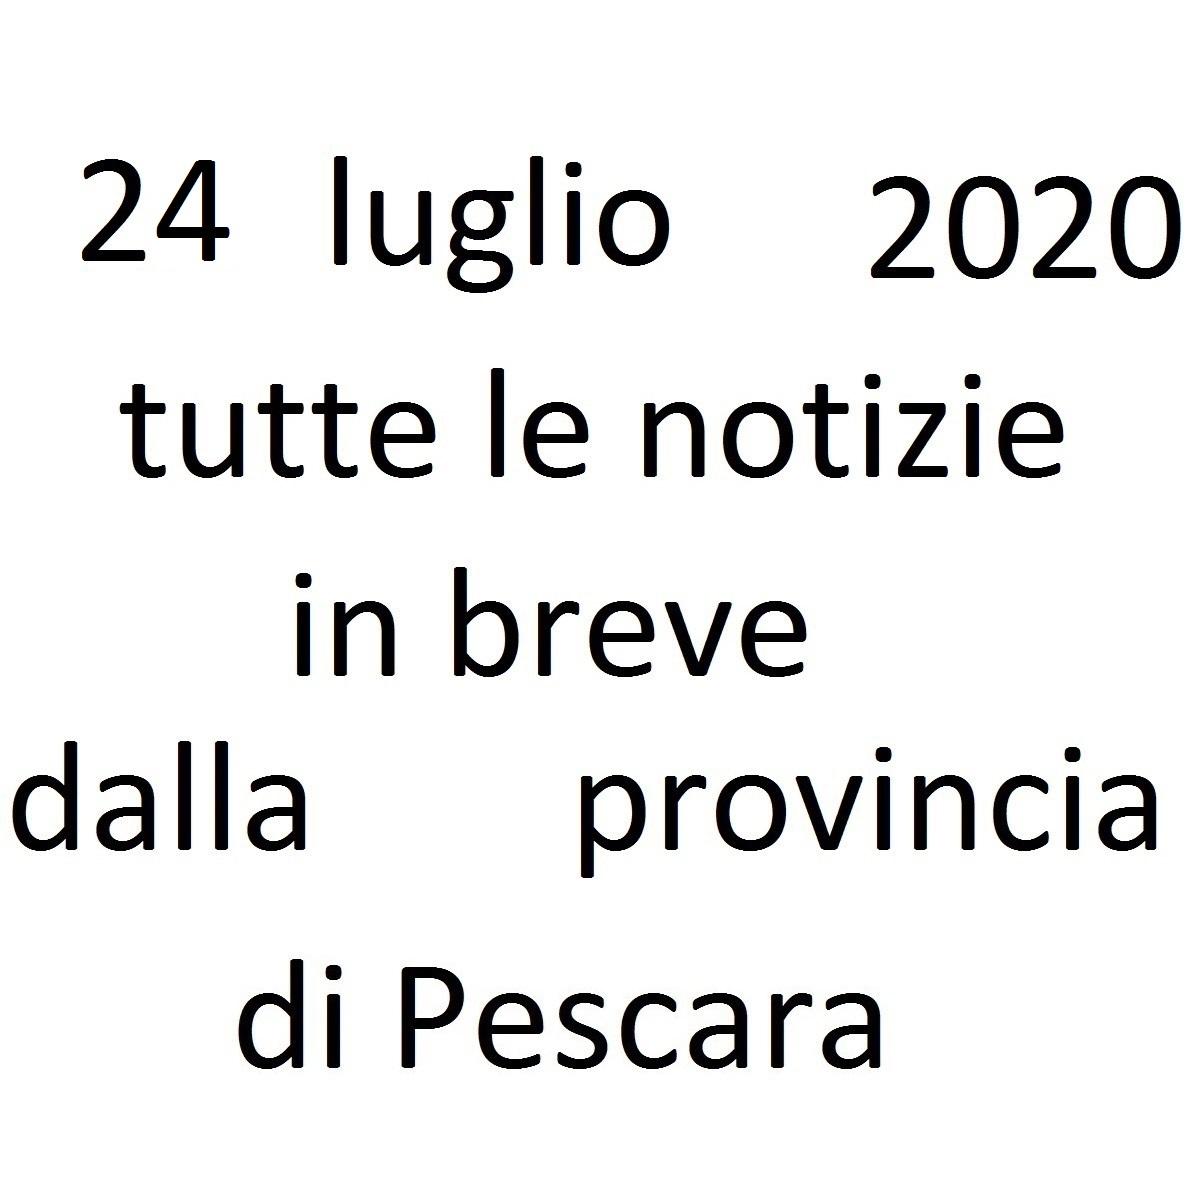 24 luglio 2020 notizie in breve dalla Provincia di Pescara foto